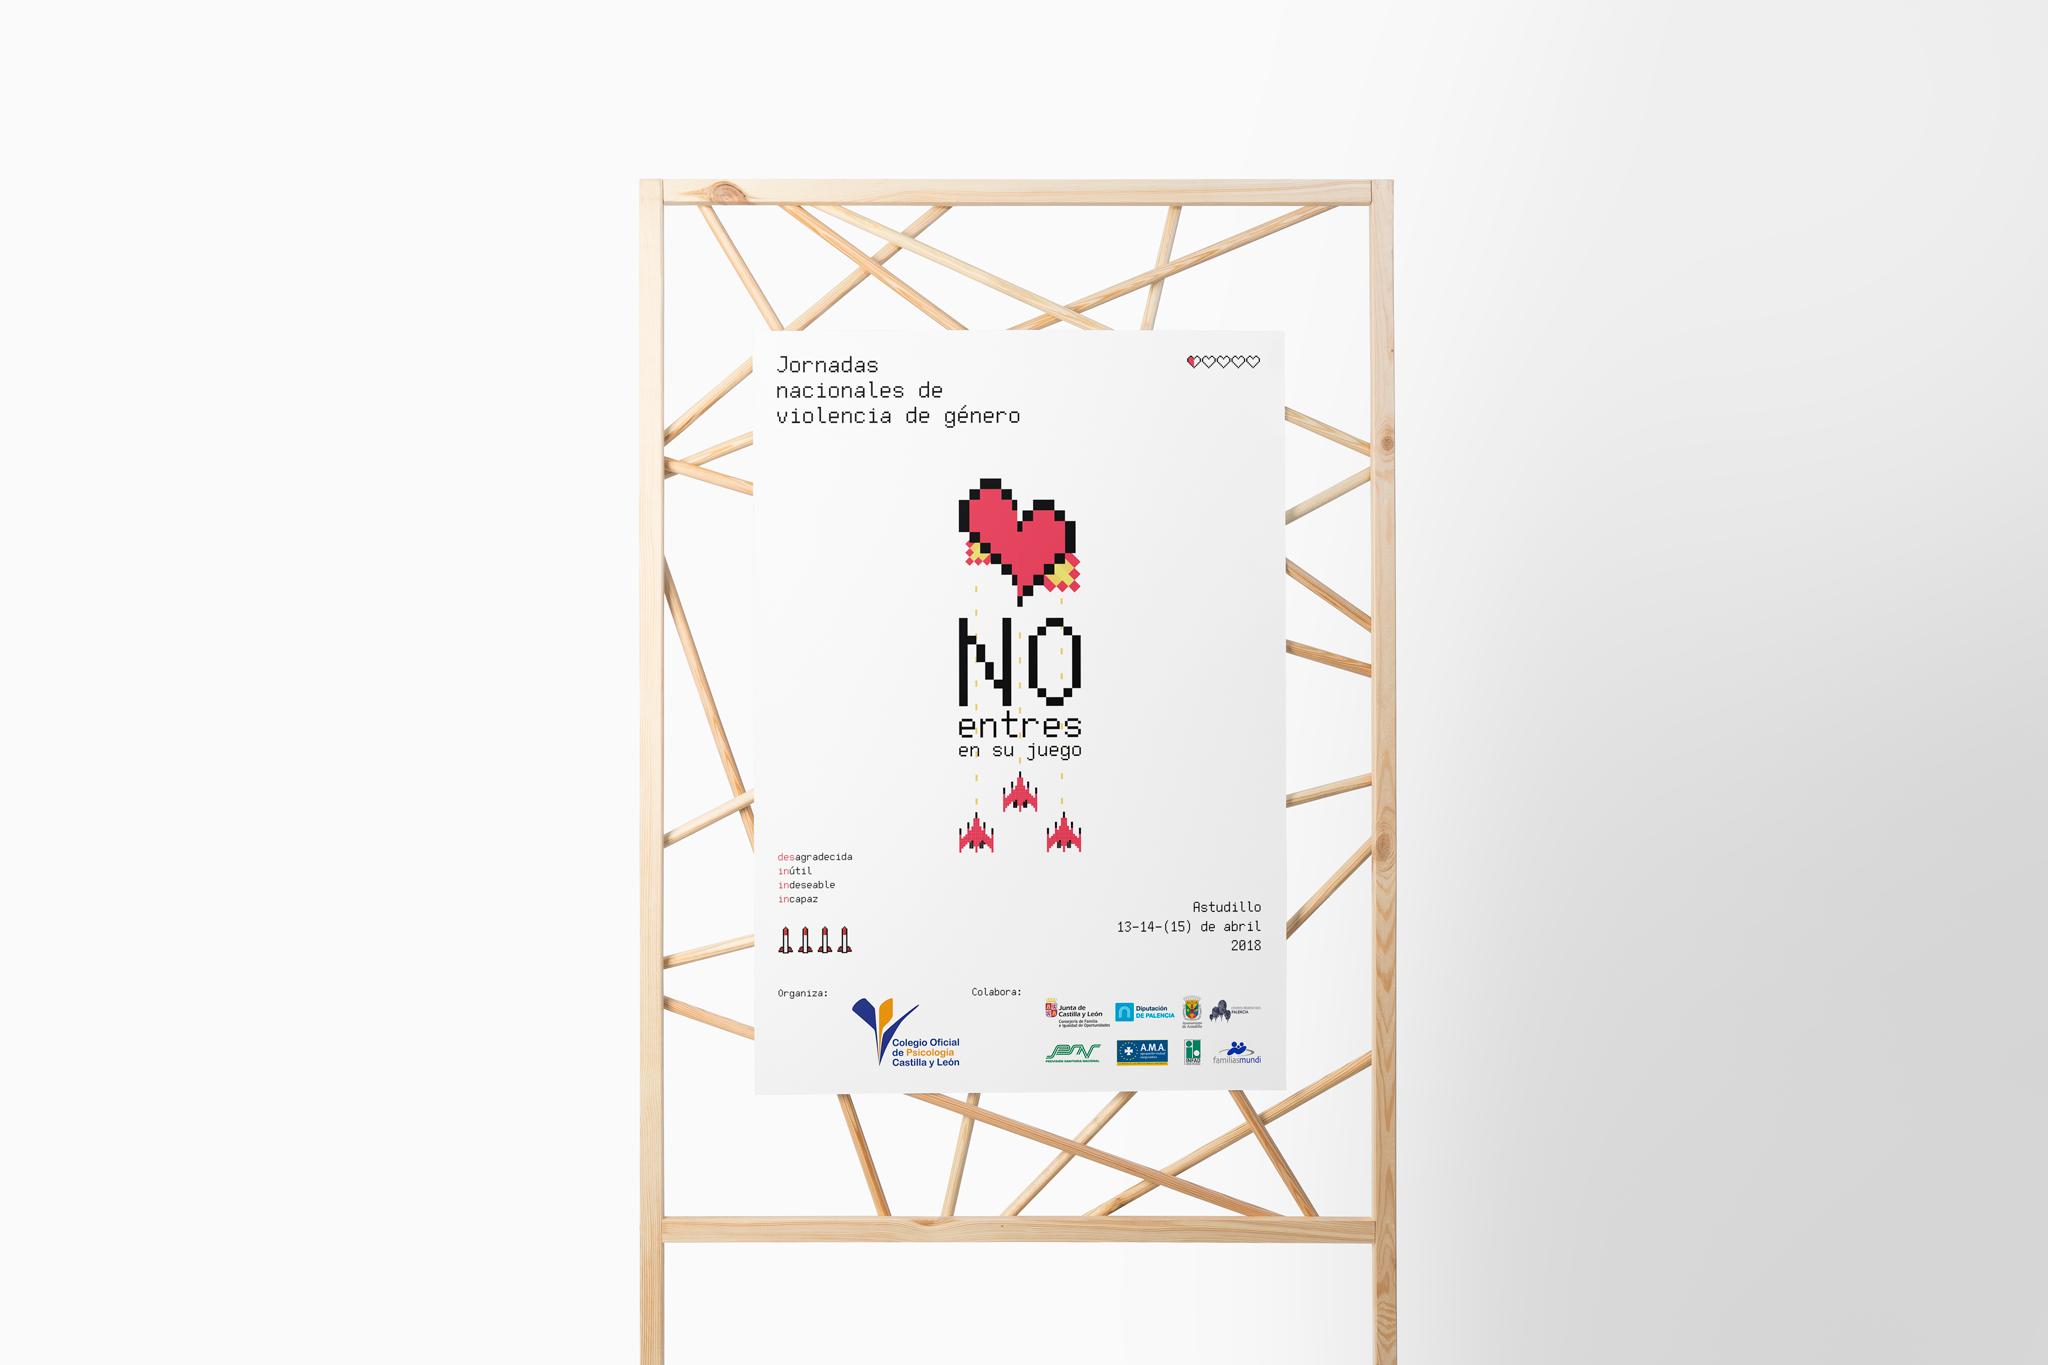 Jornadas nacionales de violencia de género cartel3